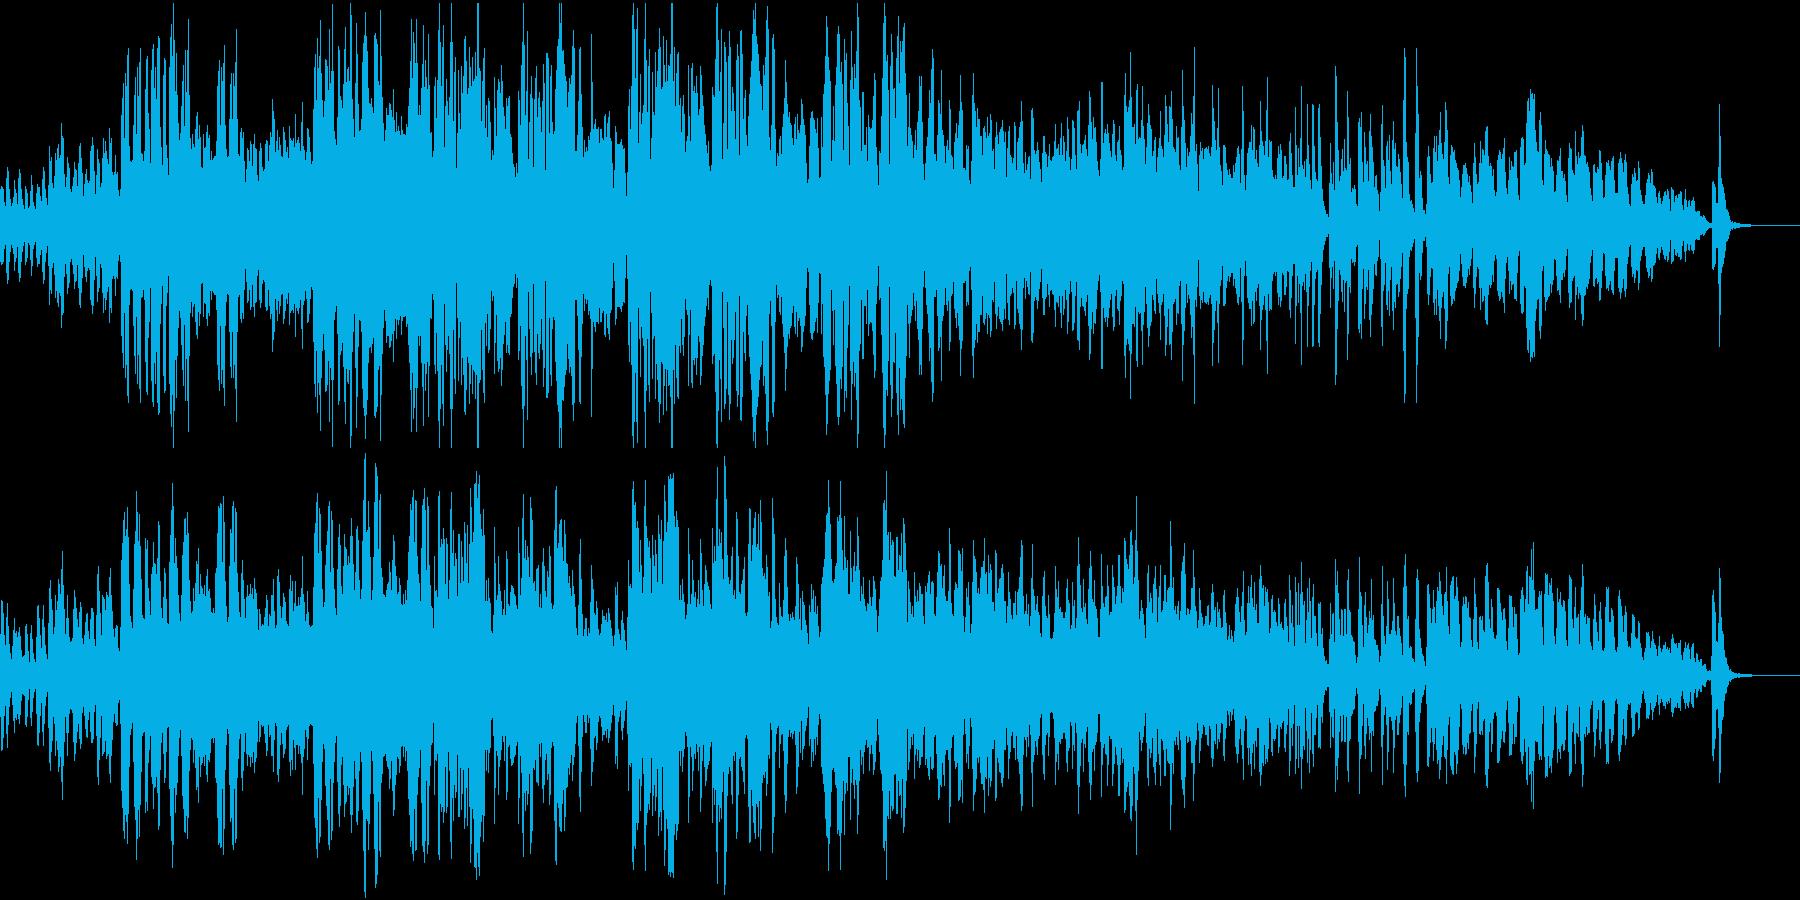 木管と弦楽器による有名曲のアレンジですの再生済みの波形